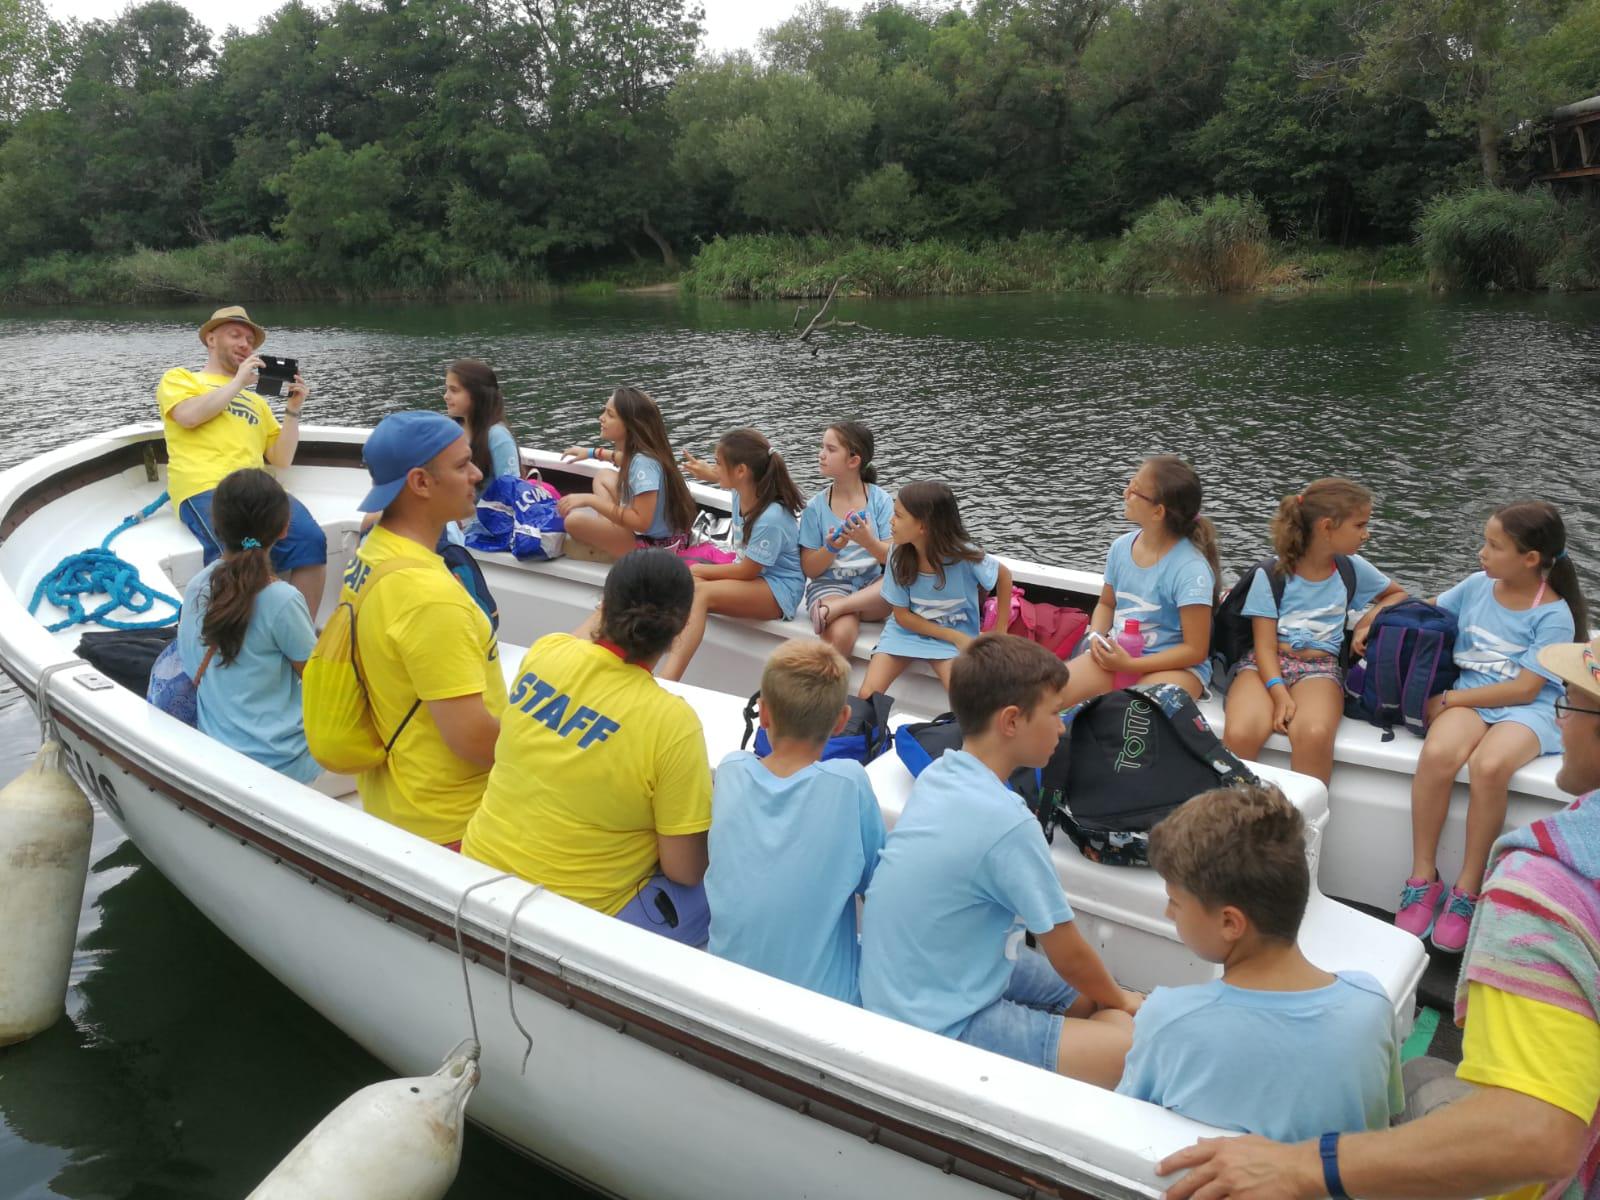 Z кемп, ден 17 - по река Велека - обща снимка на групата в лодката